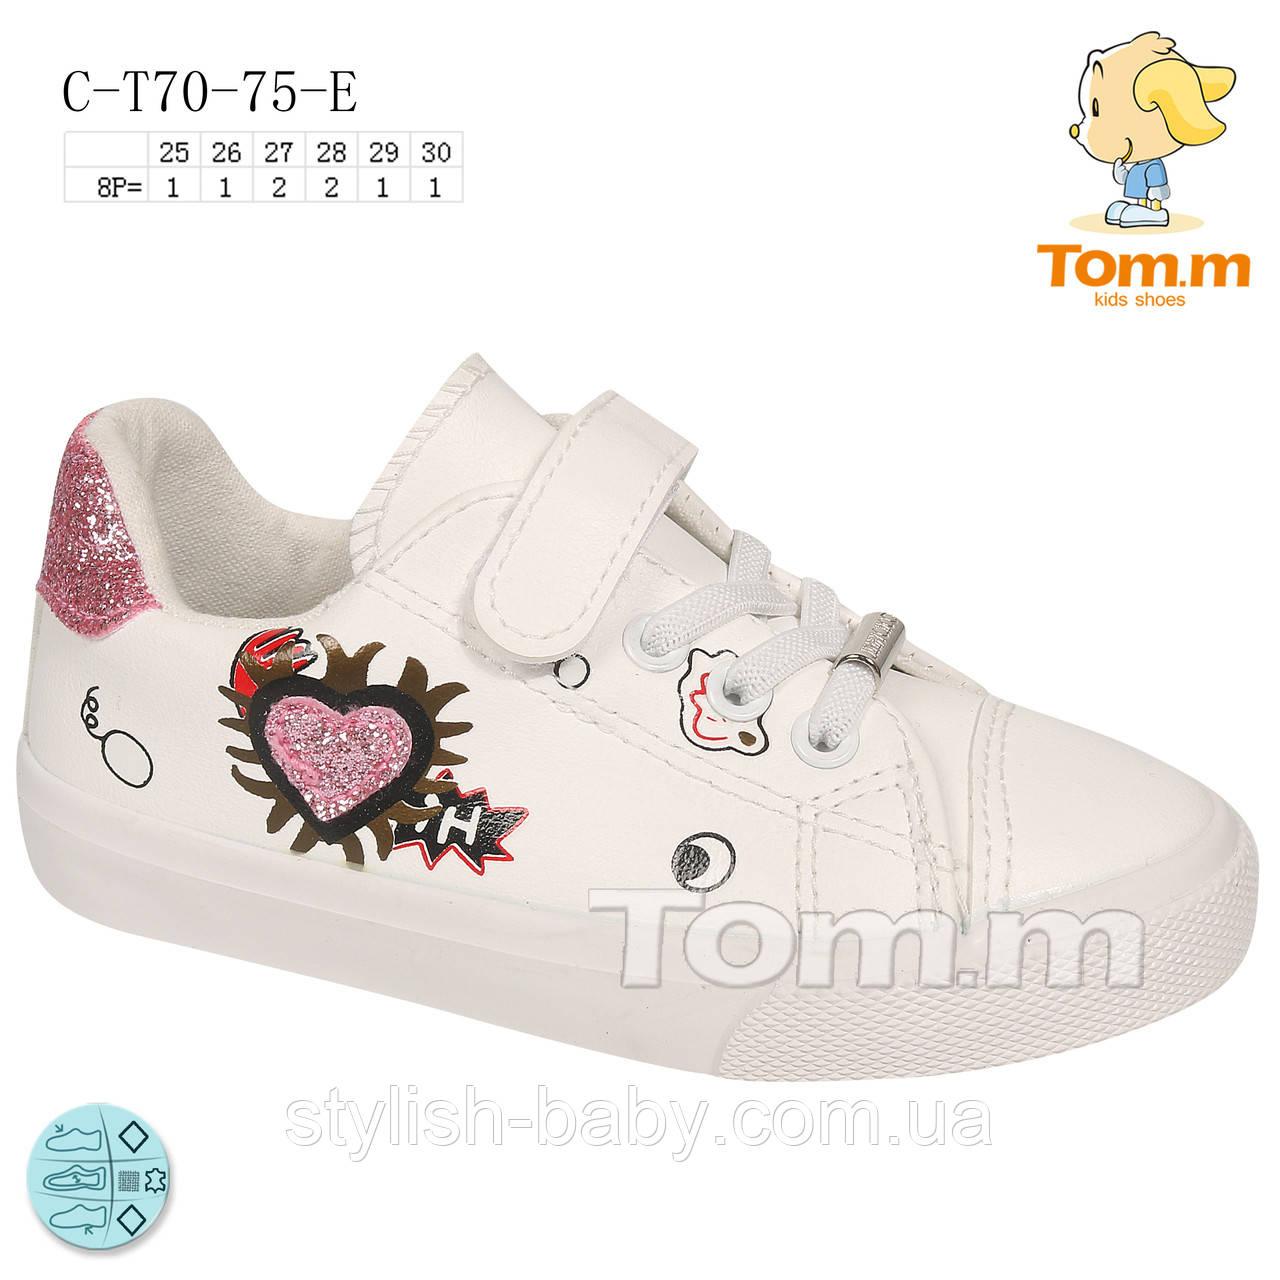 Детская спортивная обувь 2020 оптом. Детские кеды бренда Tom.m для девочек (рр. с 25 по 30)